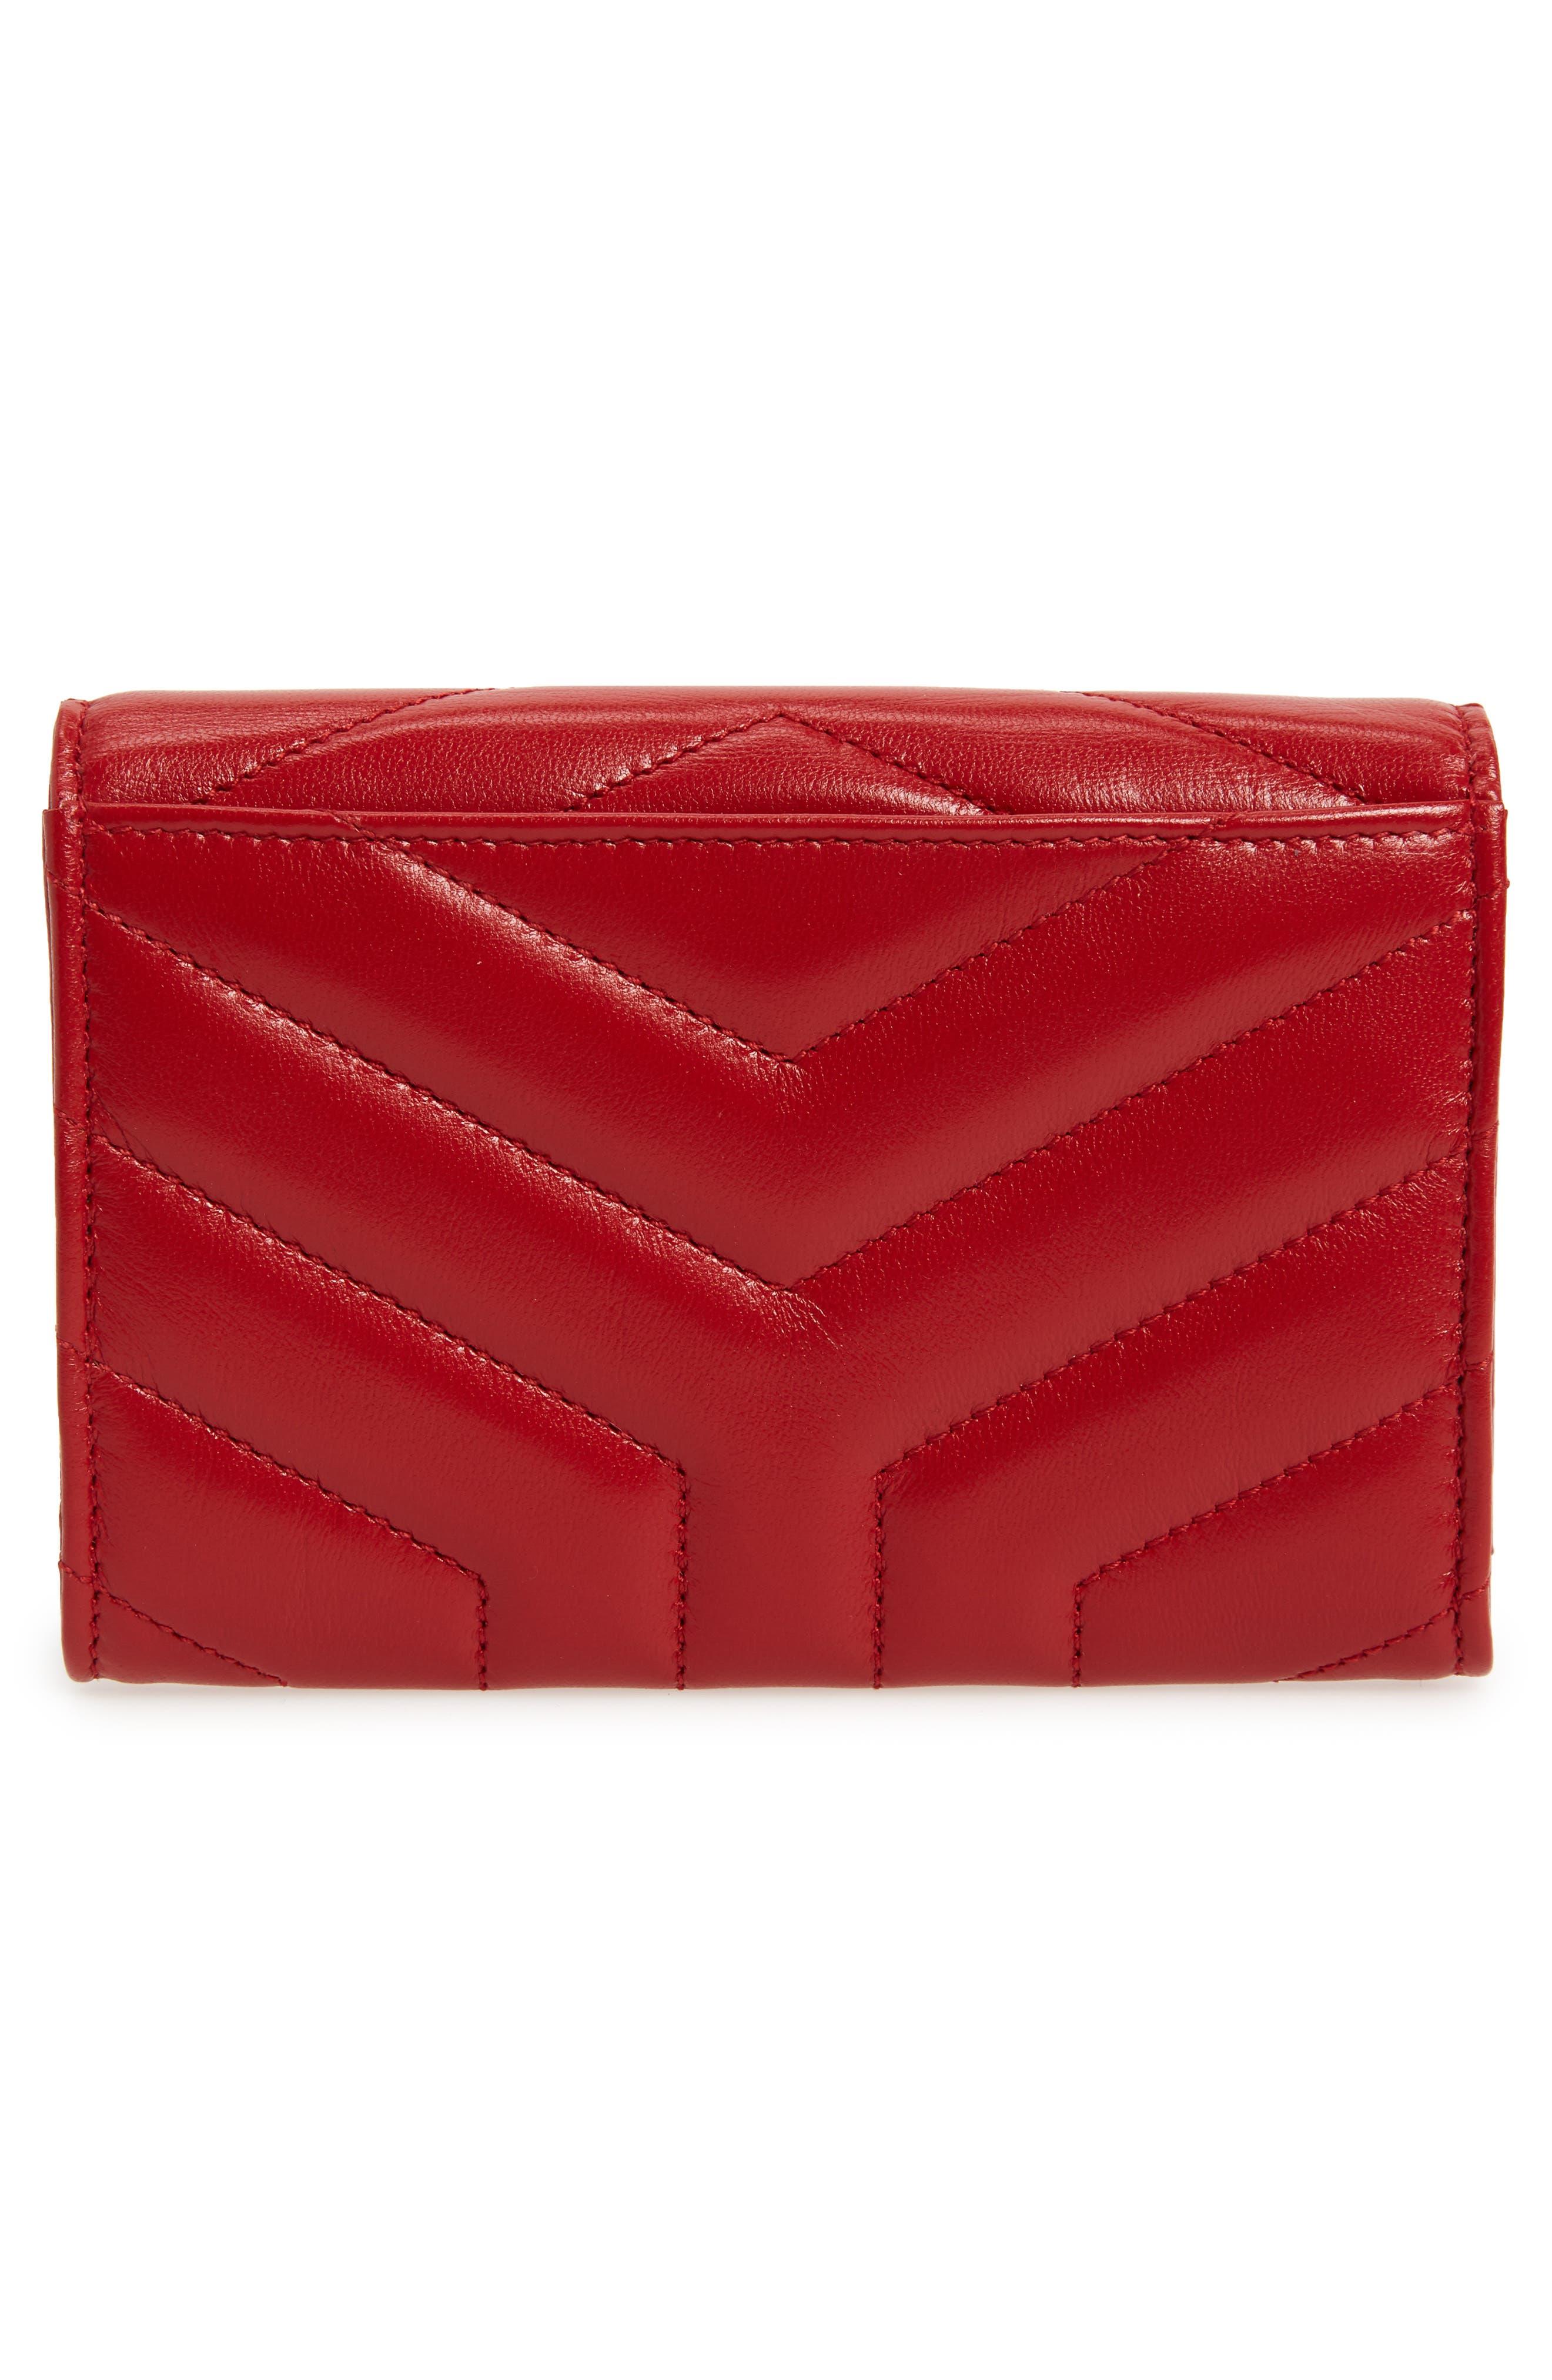 Small Loulou Matelassé Leather Wallet,                             Alternate thumbnail 4, color,                             Rouge Eros